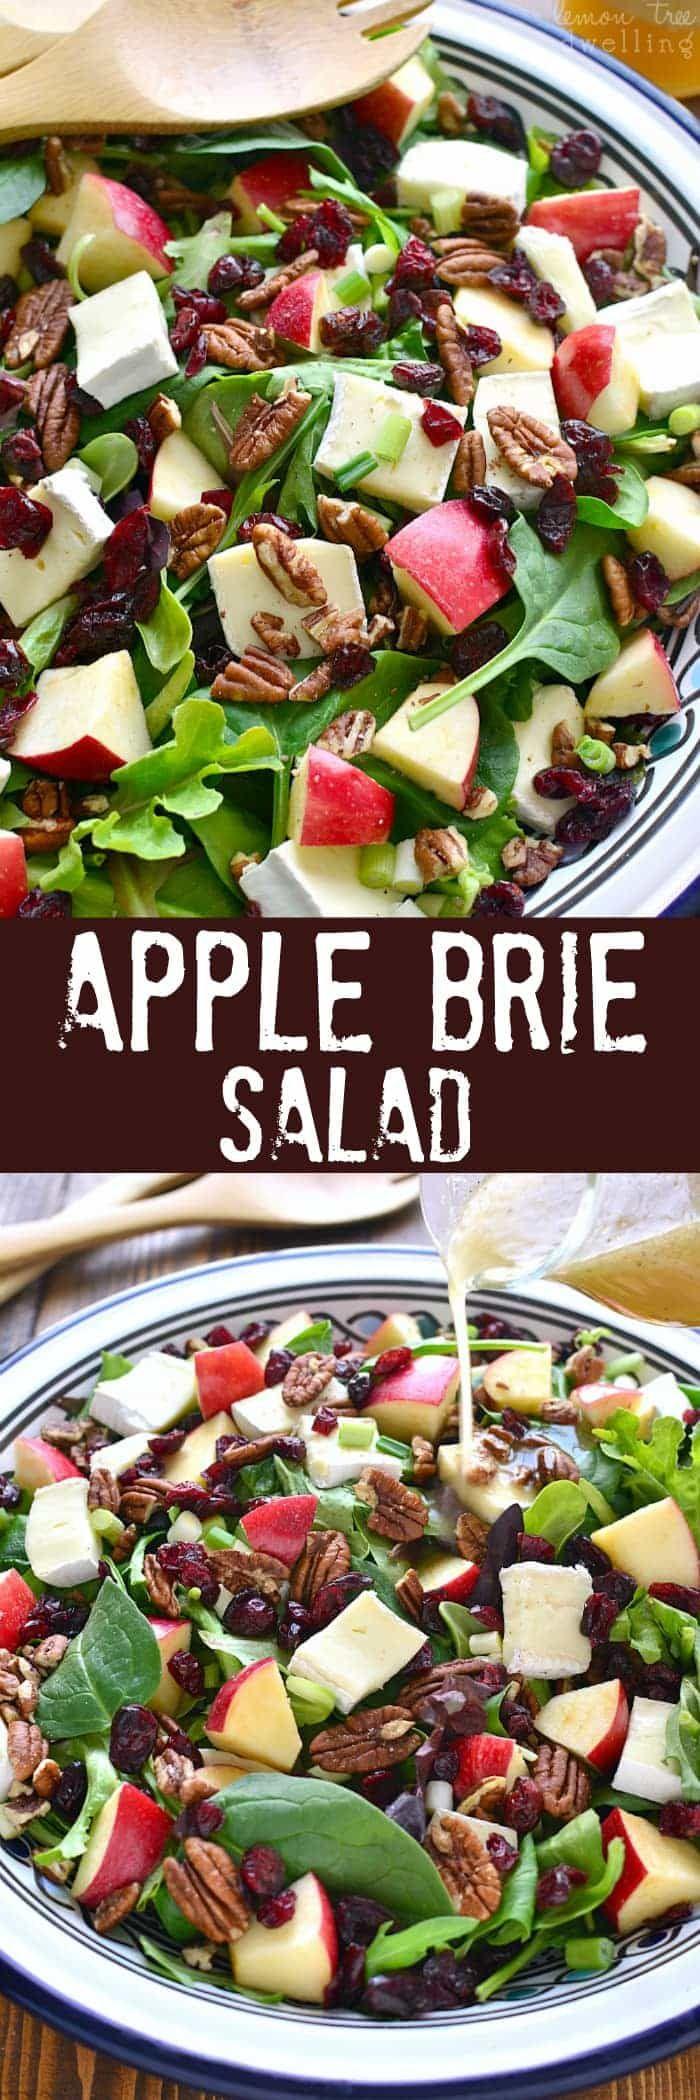 Apple Brie Salad - Lemon Tree Dwelling